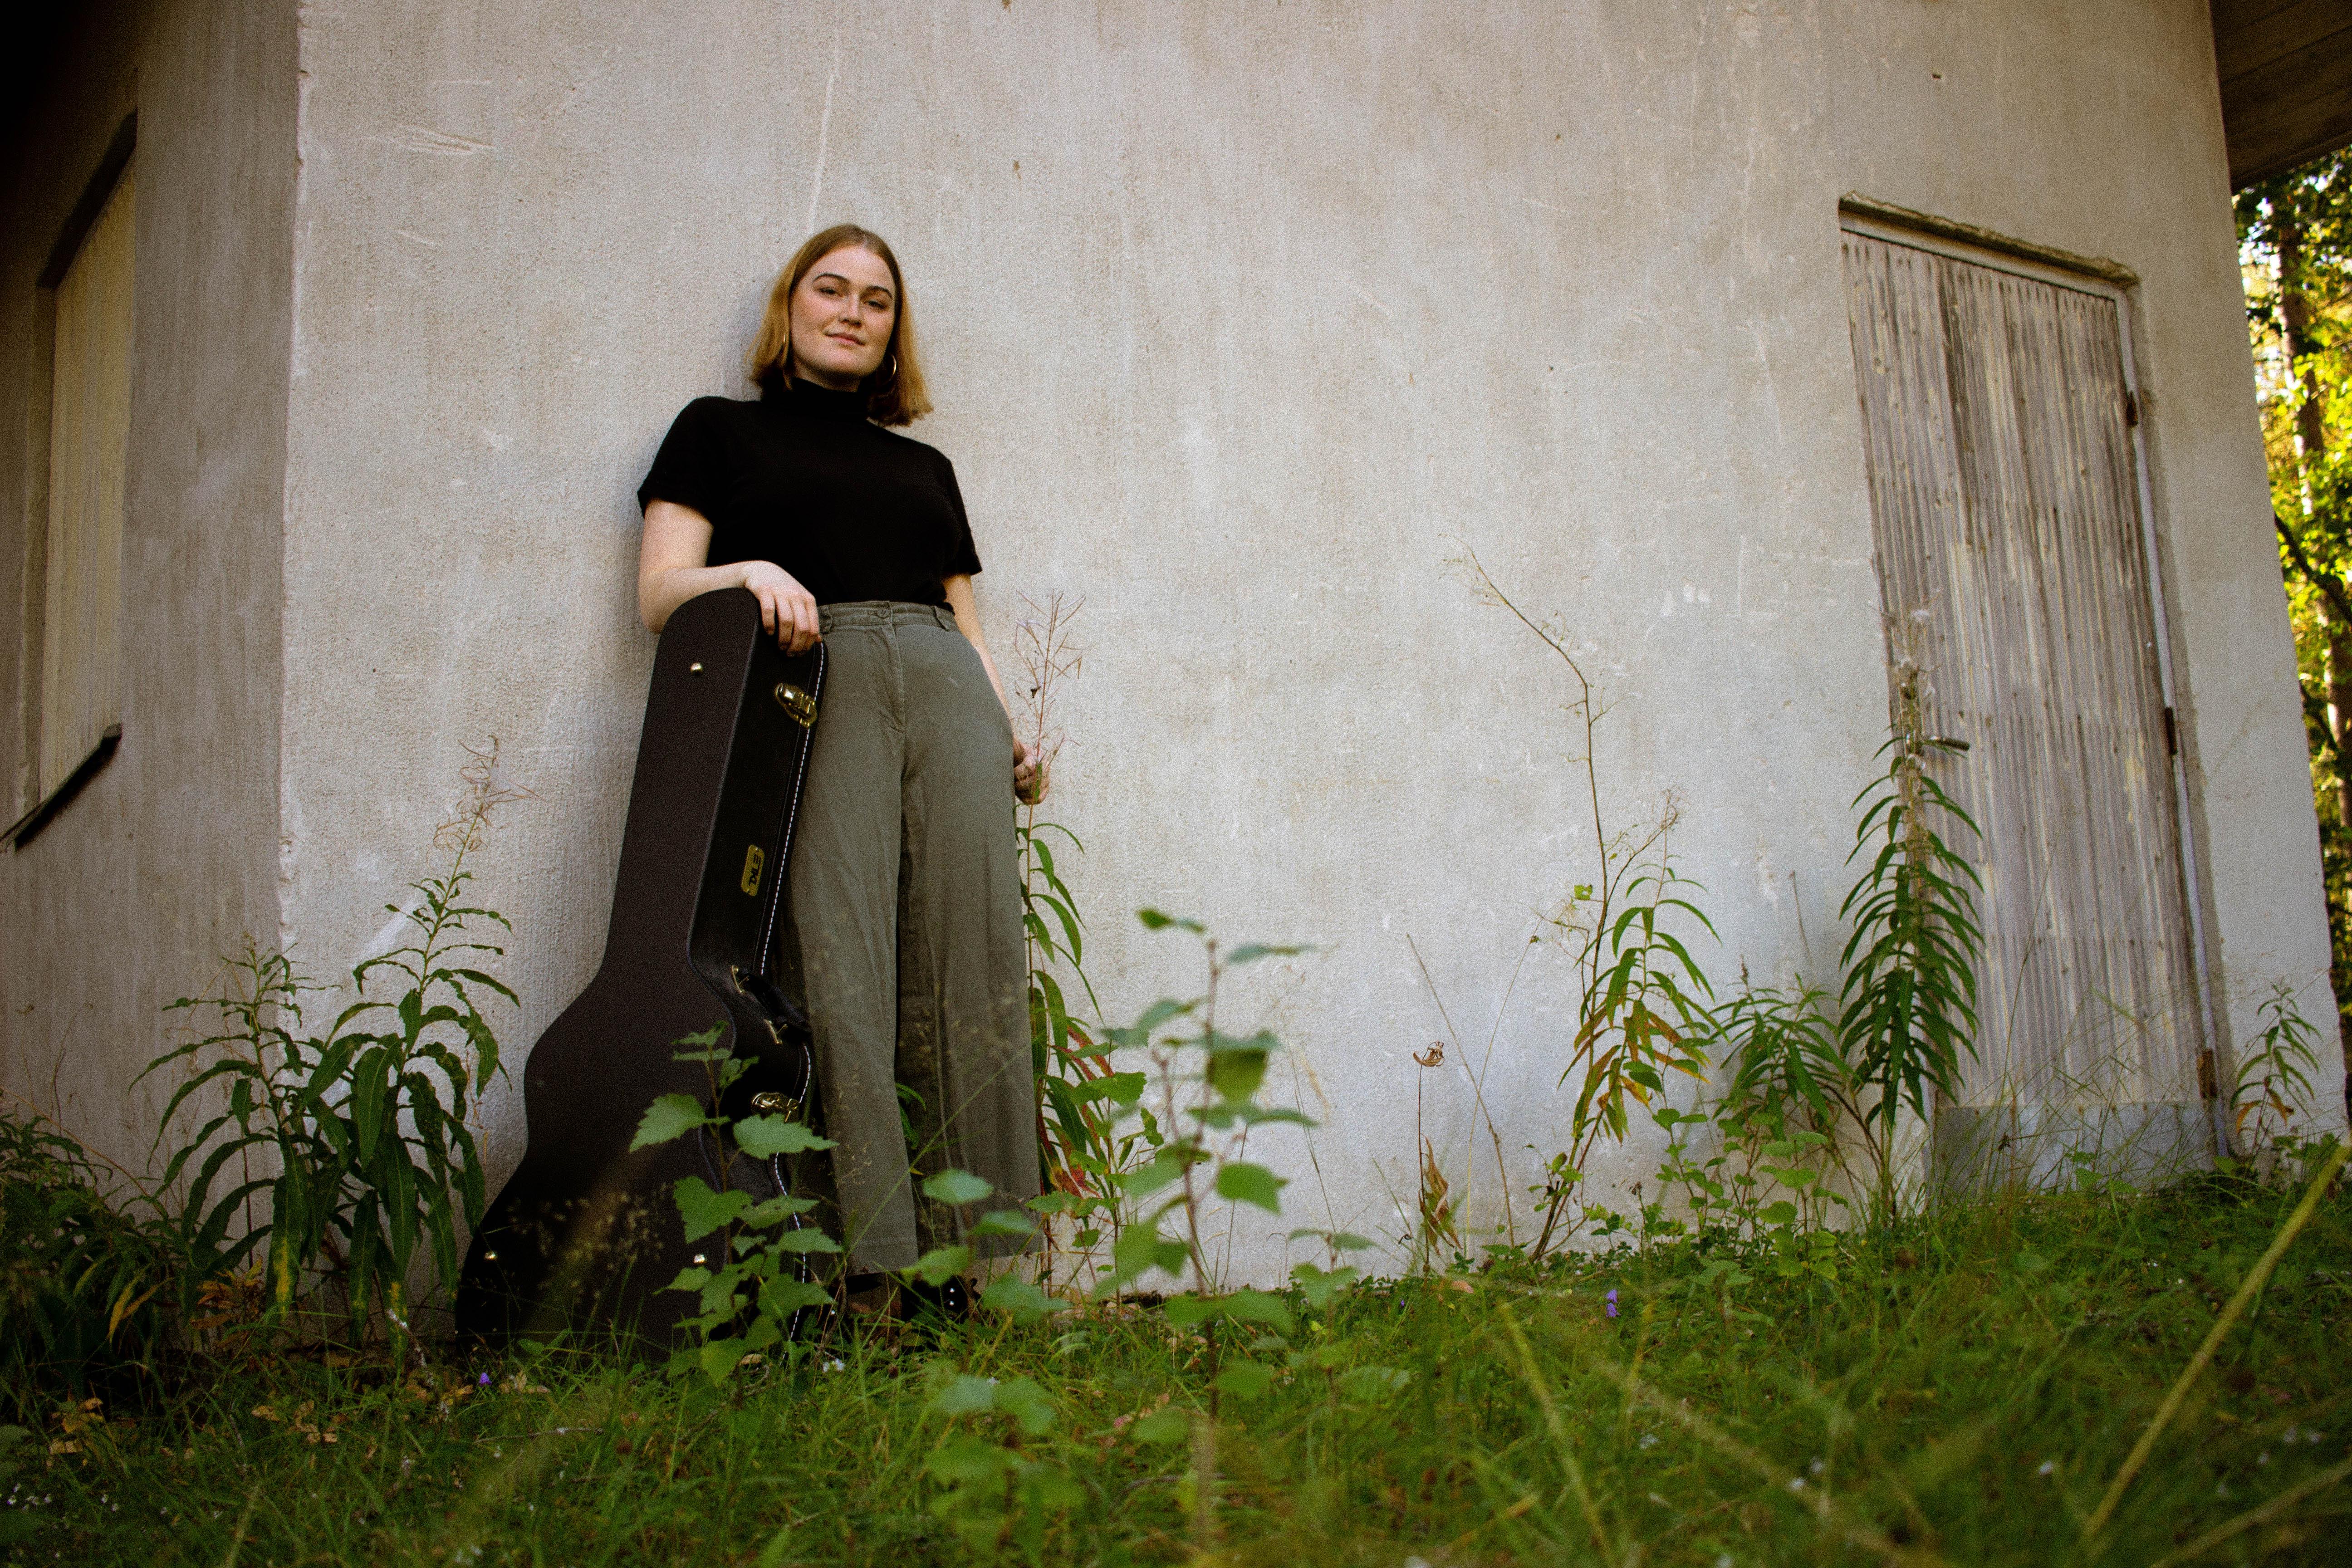 MUSIKRECENSION: Ebba Bergkvist – Alright